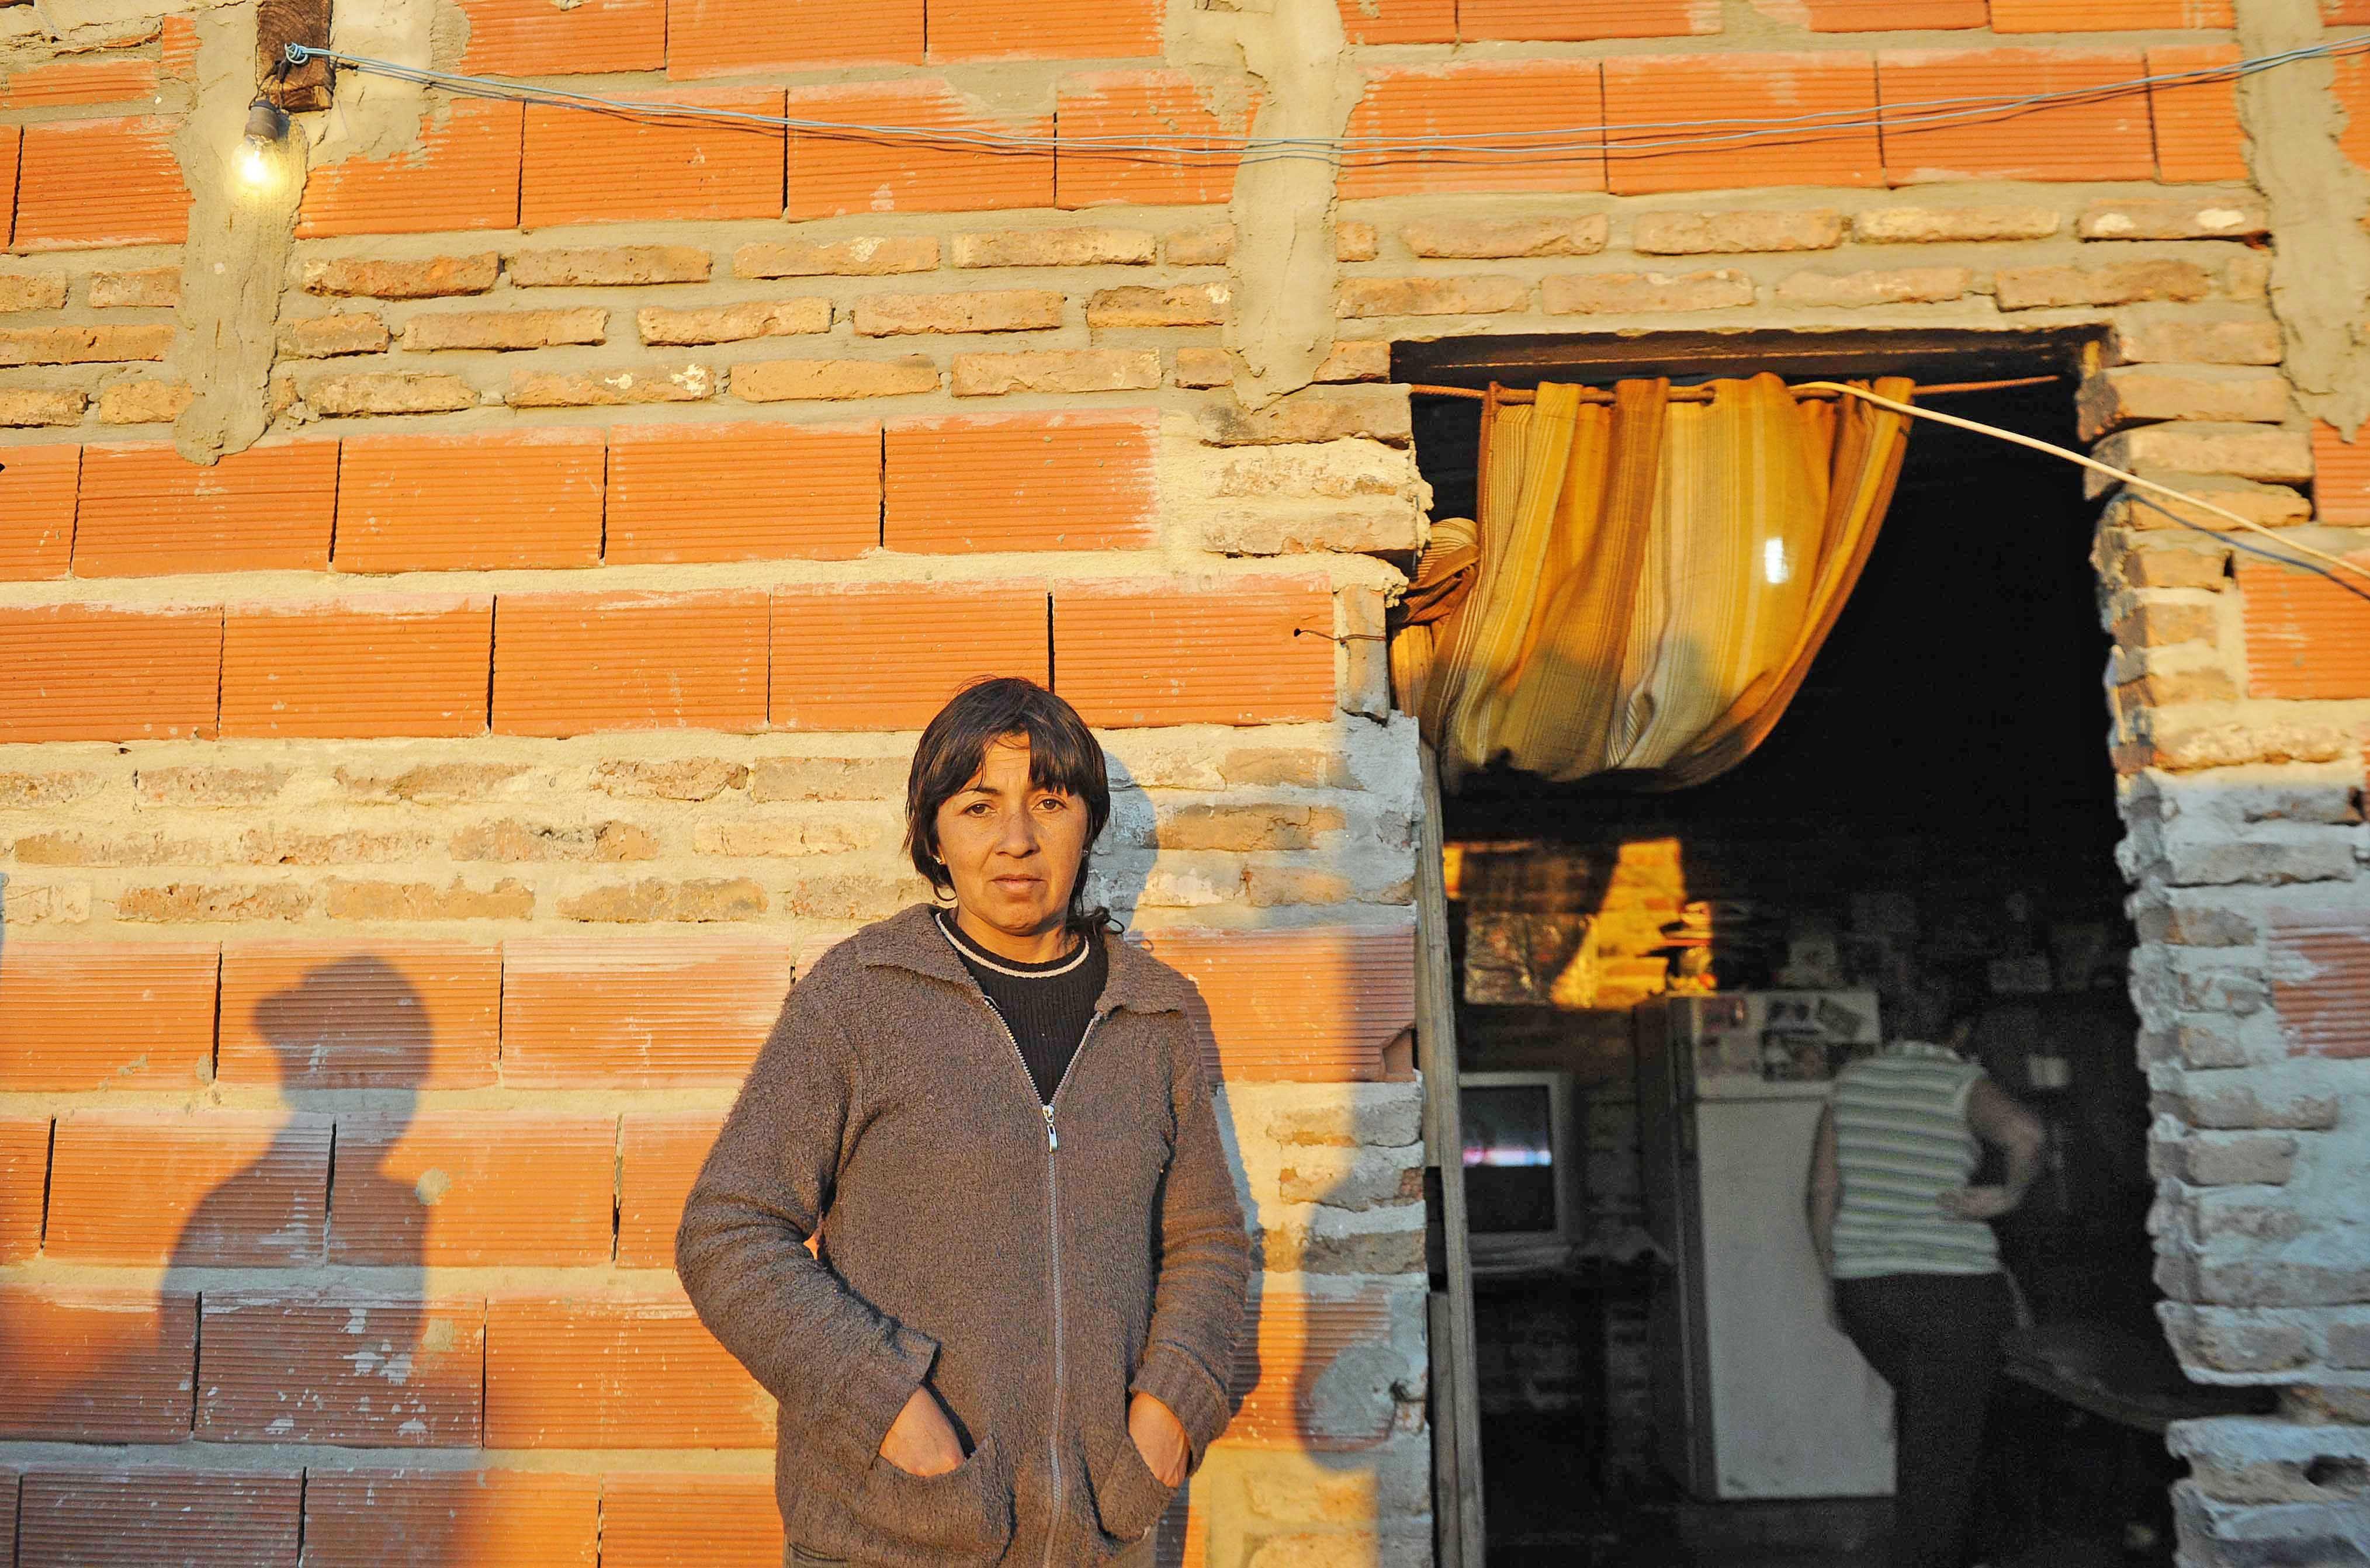 La mamá del pibe muerto tiene miedo por sus otros hijos y quiere irse de Villa Gobernador Gálvez.